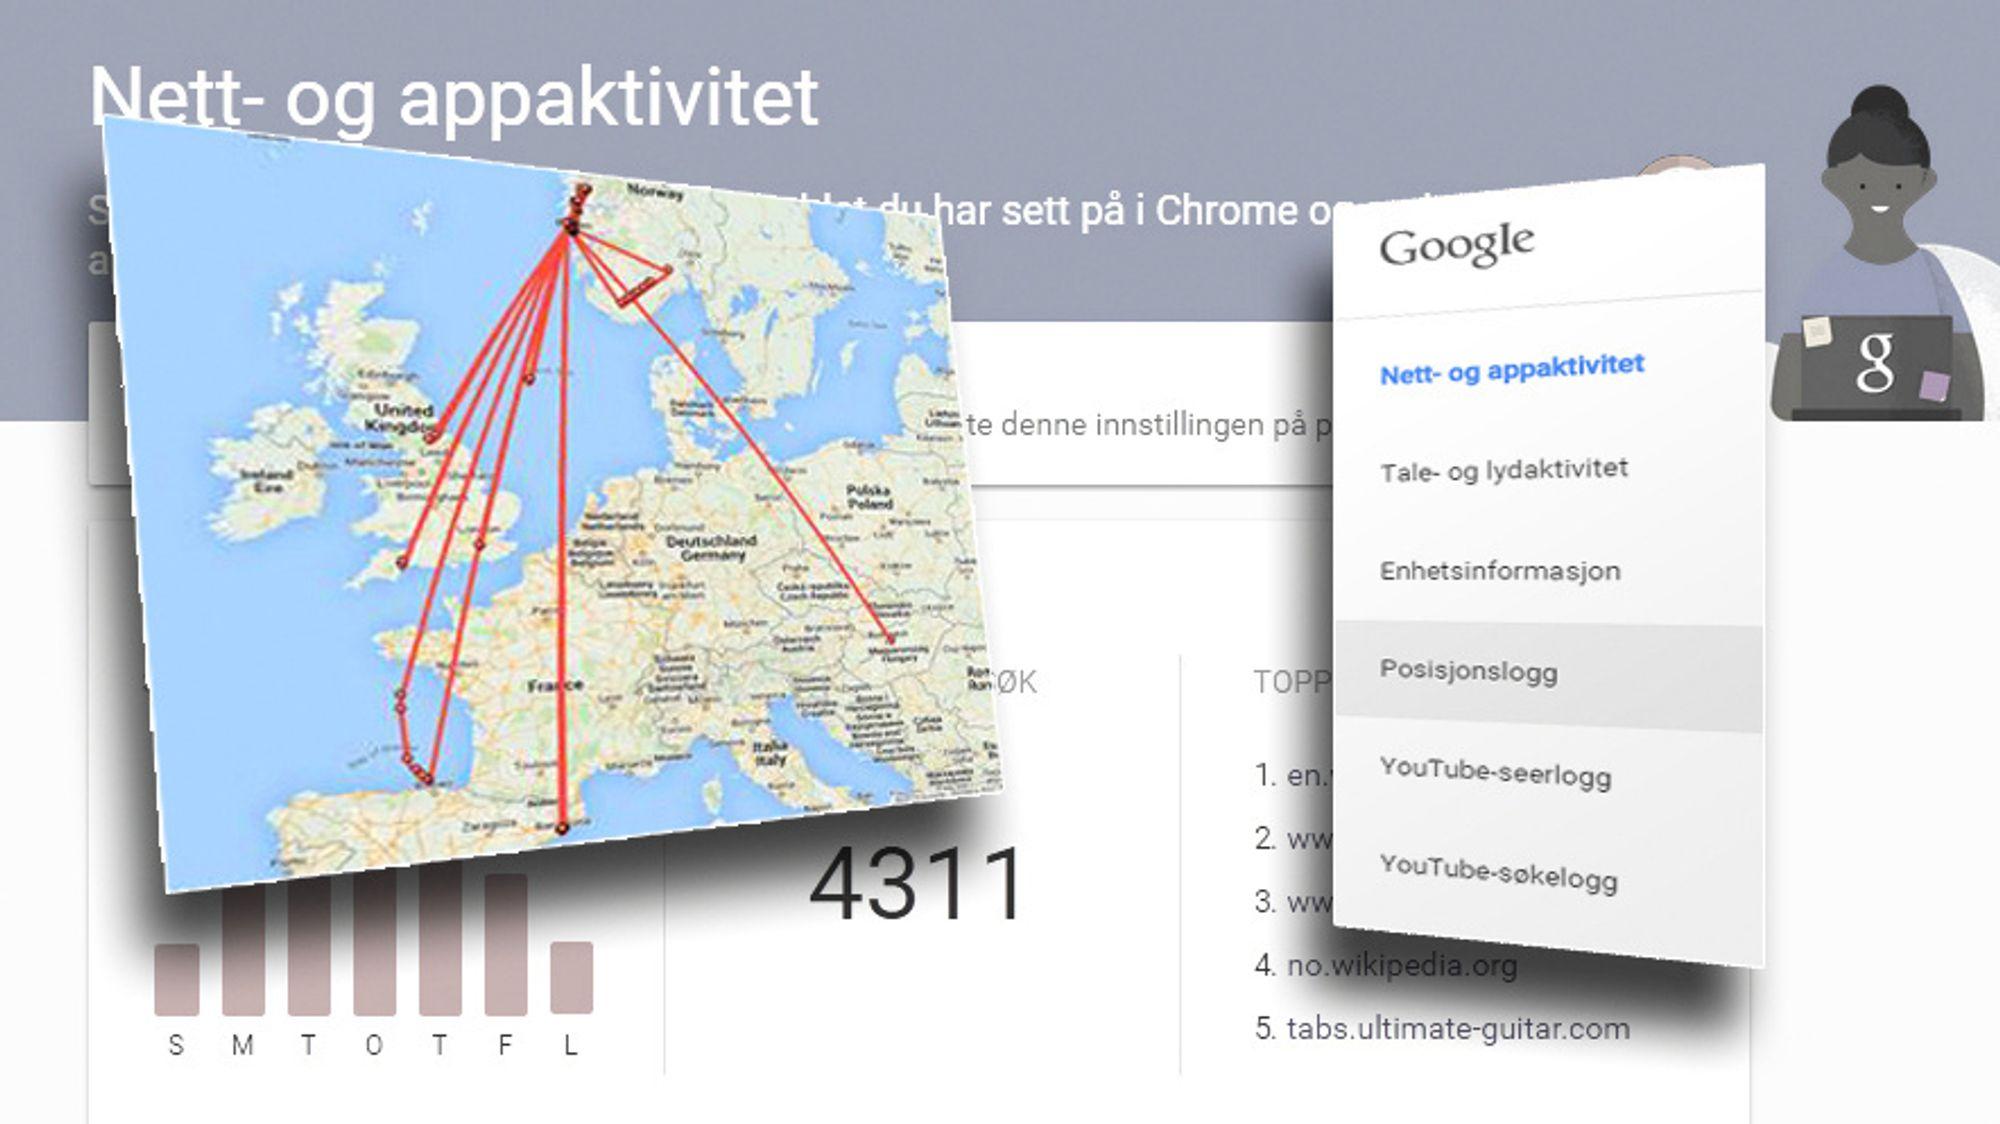 Google vet mye om deg dersom du er jevnlig bruker av tjenestene deres.